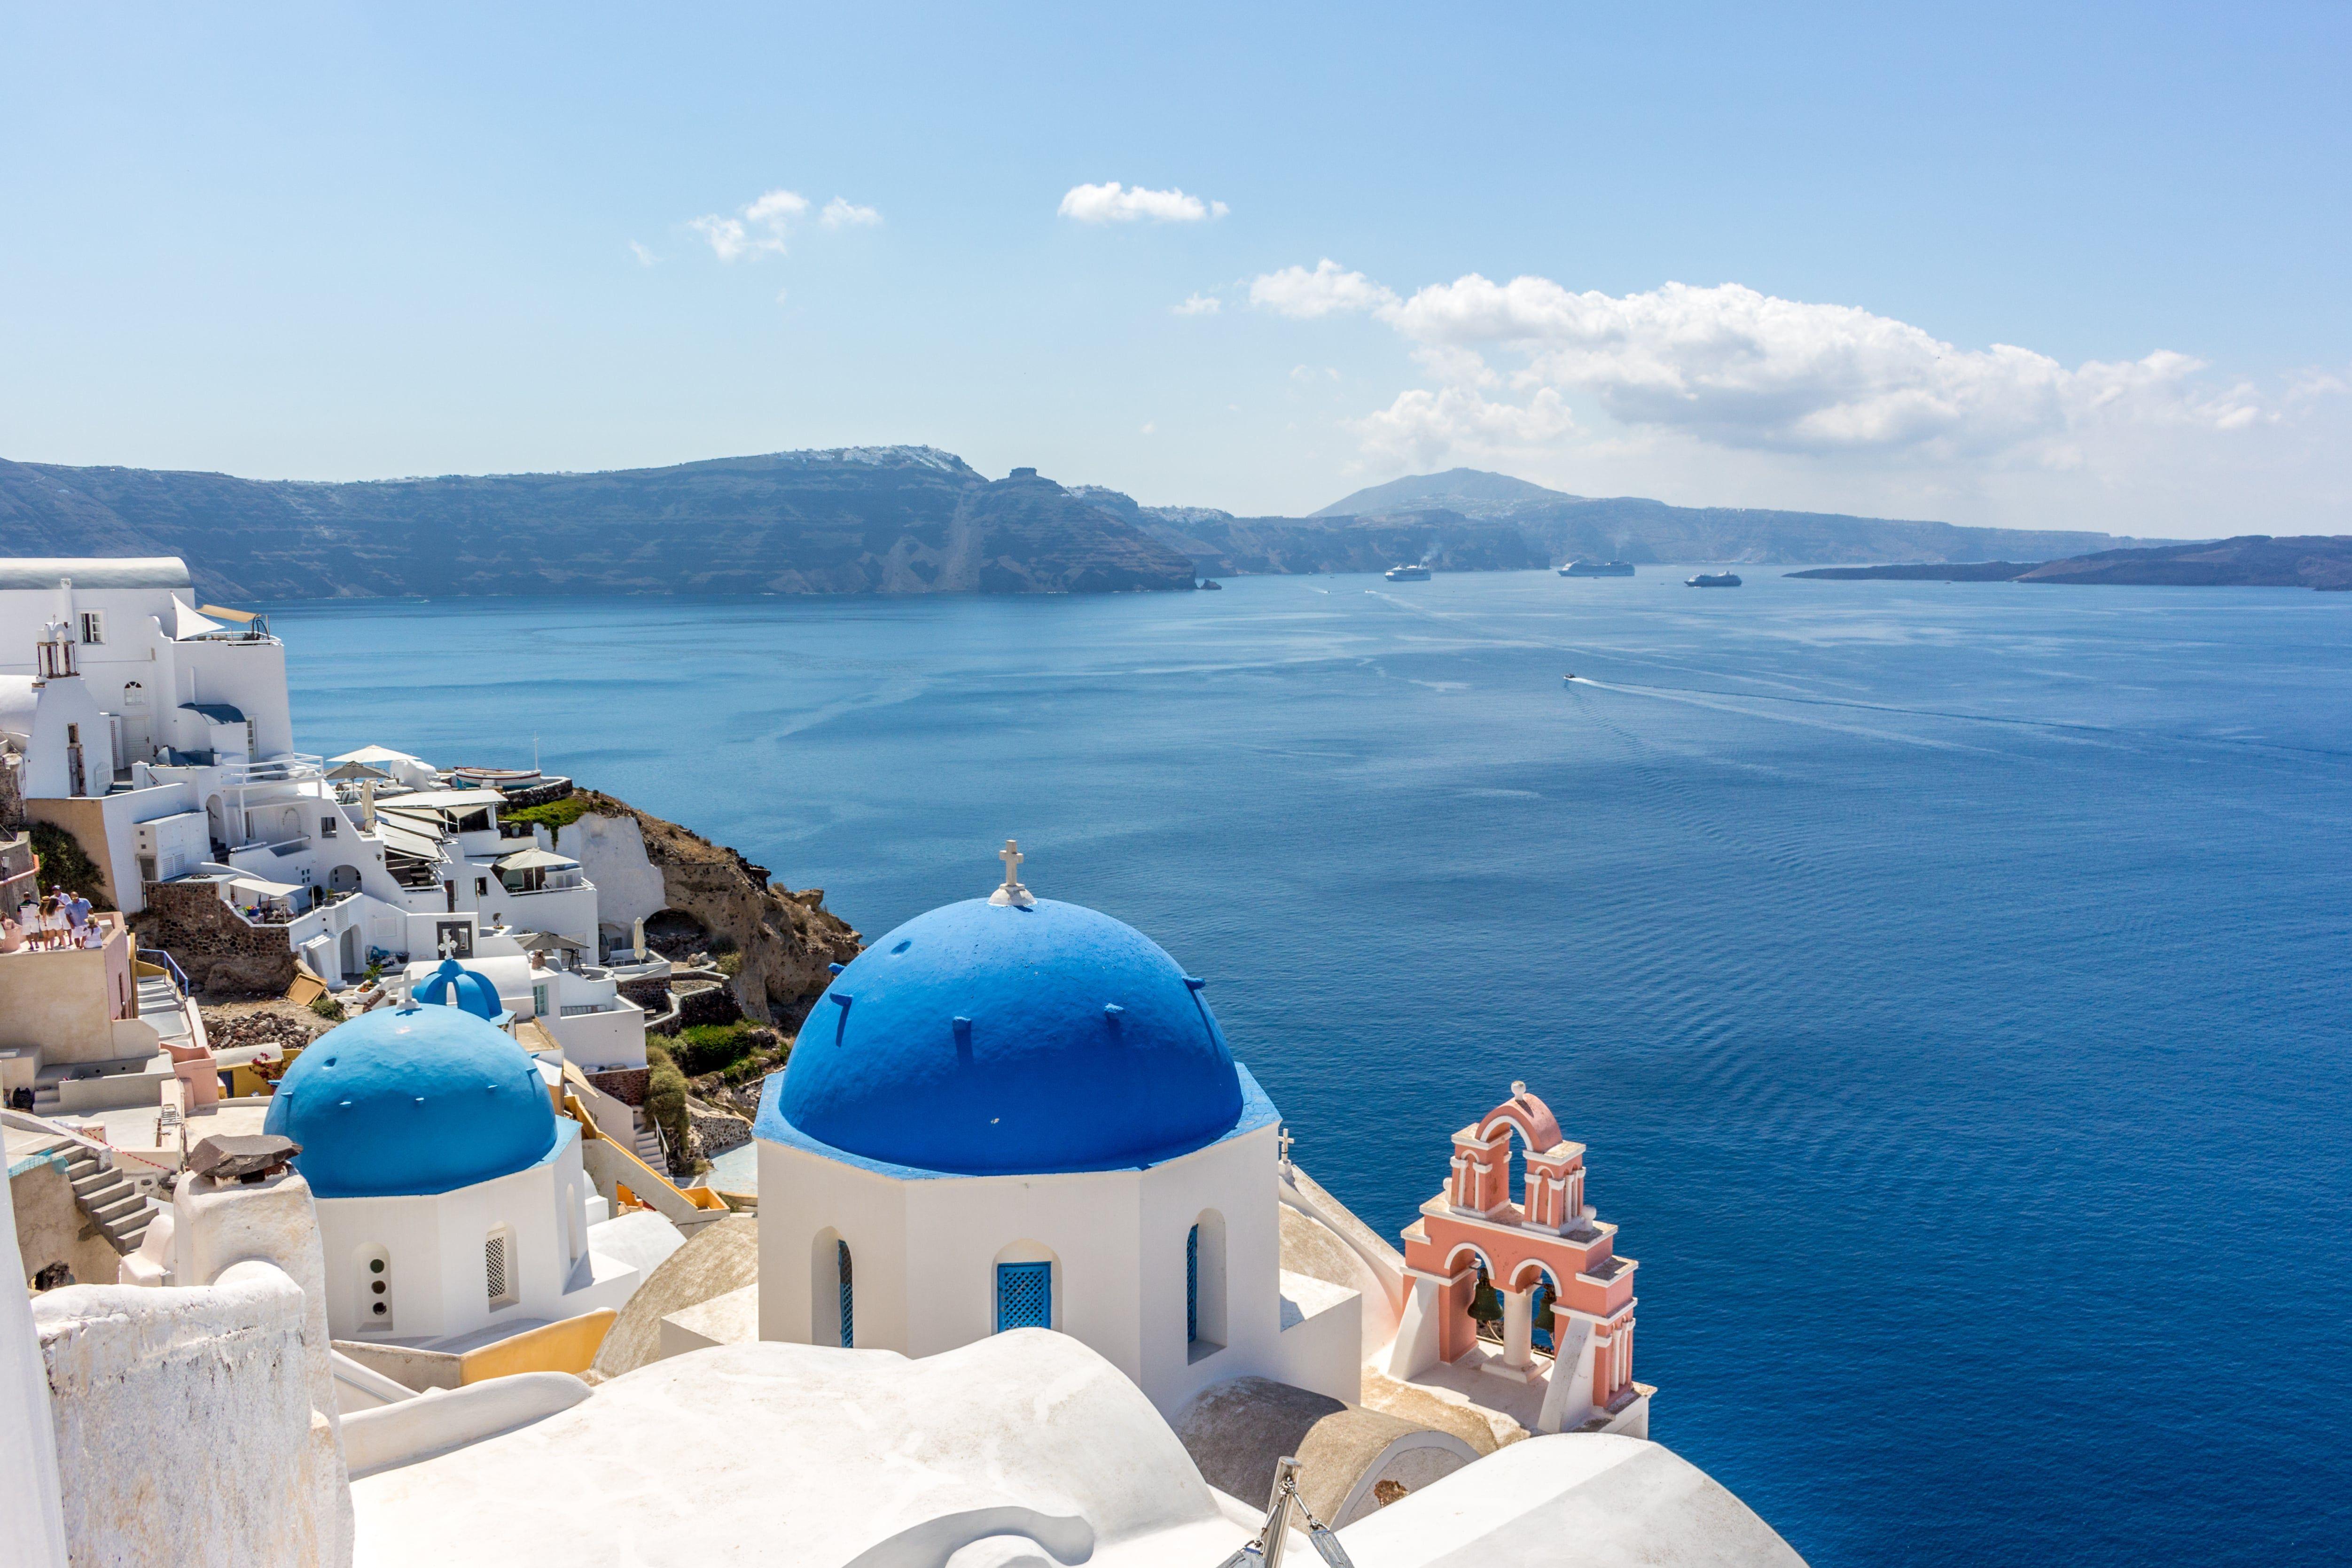 Les îles grecques pour un voyage de noces en croisiere inoubliable